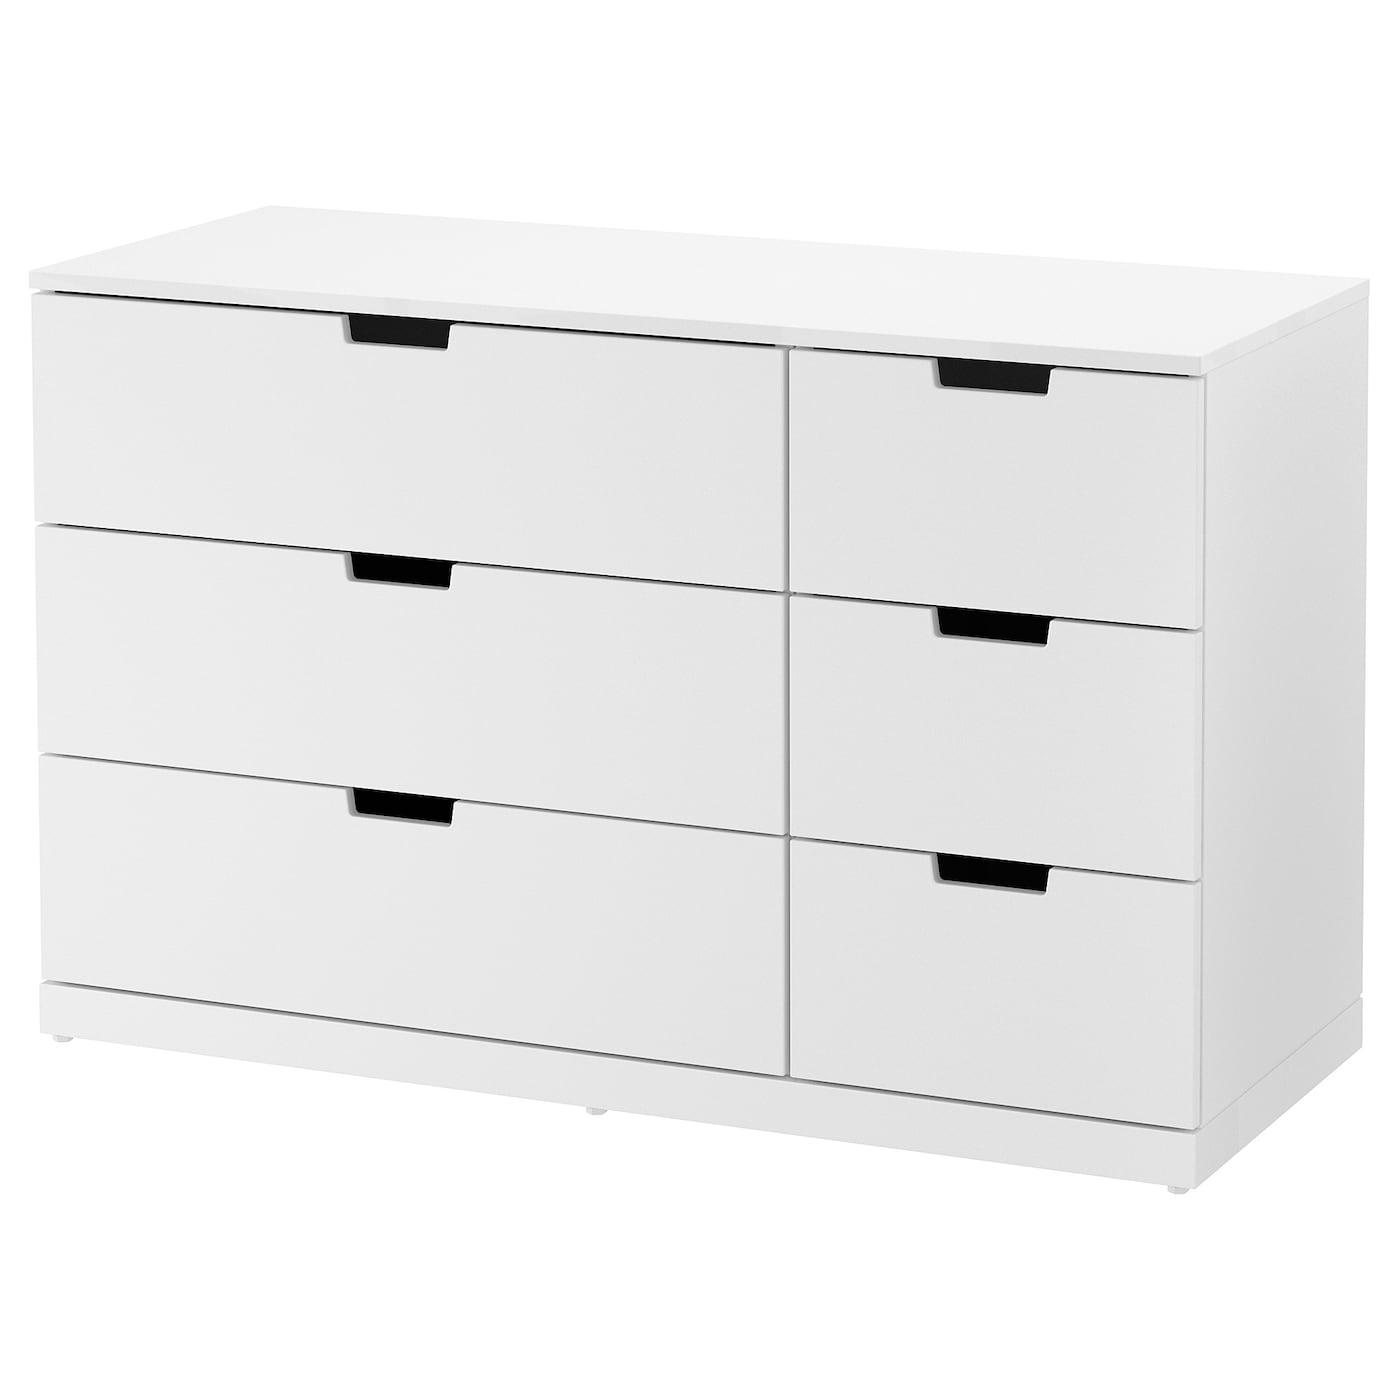 IKEA NORDLI biała komoda z sześcioma szufladami, 120x76 cm